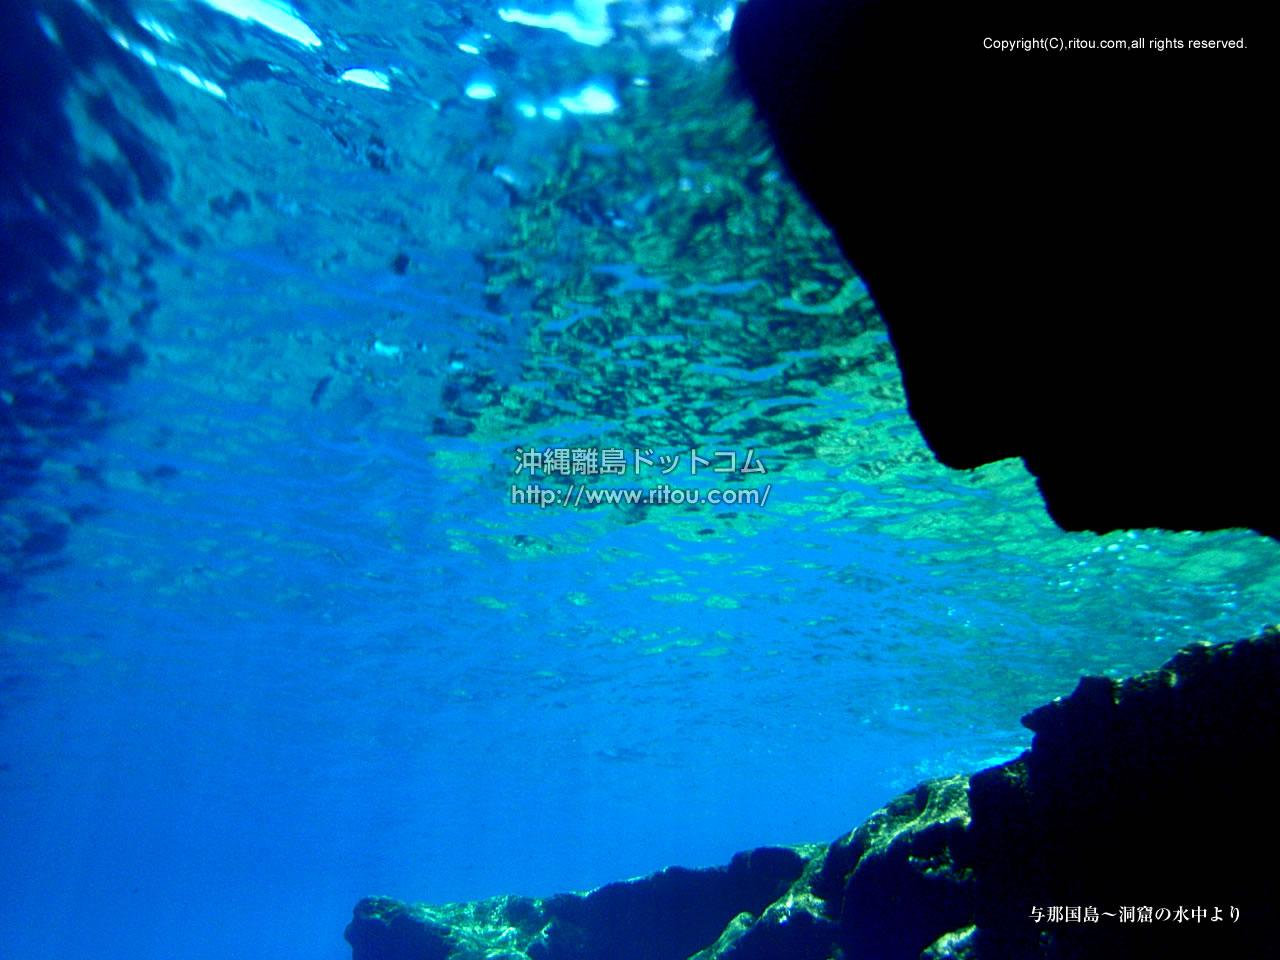 与那国島〜洞窟の水面裏